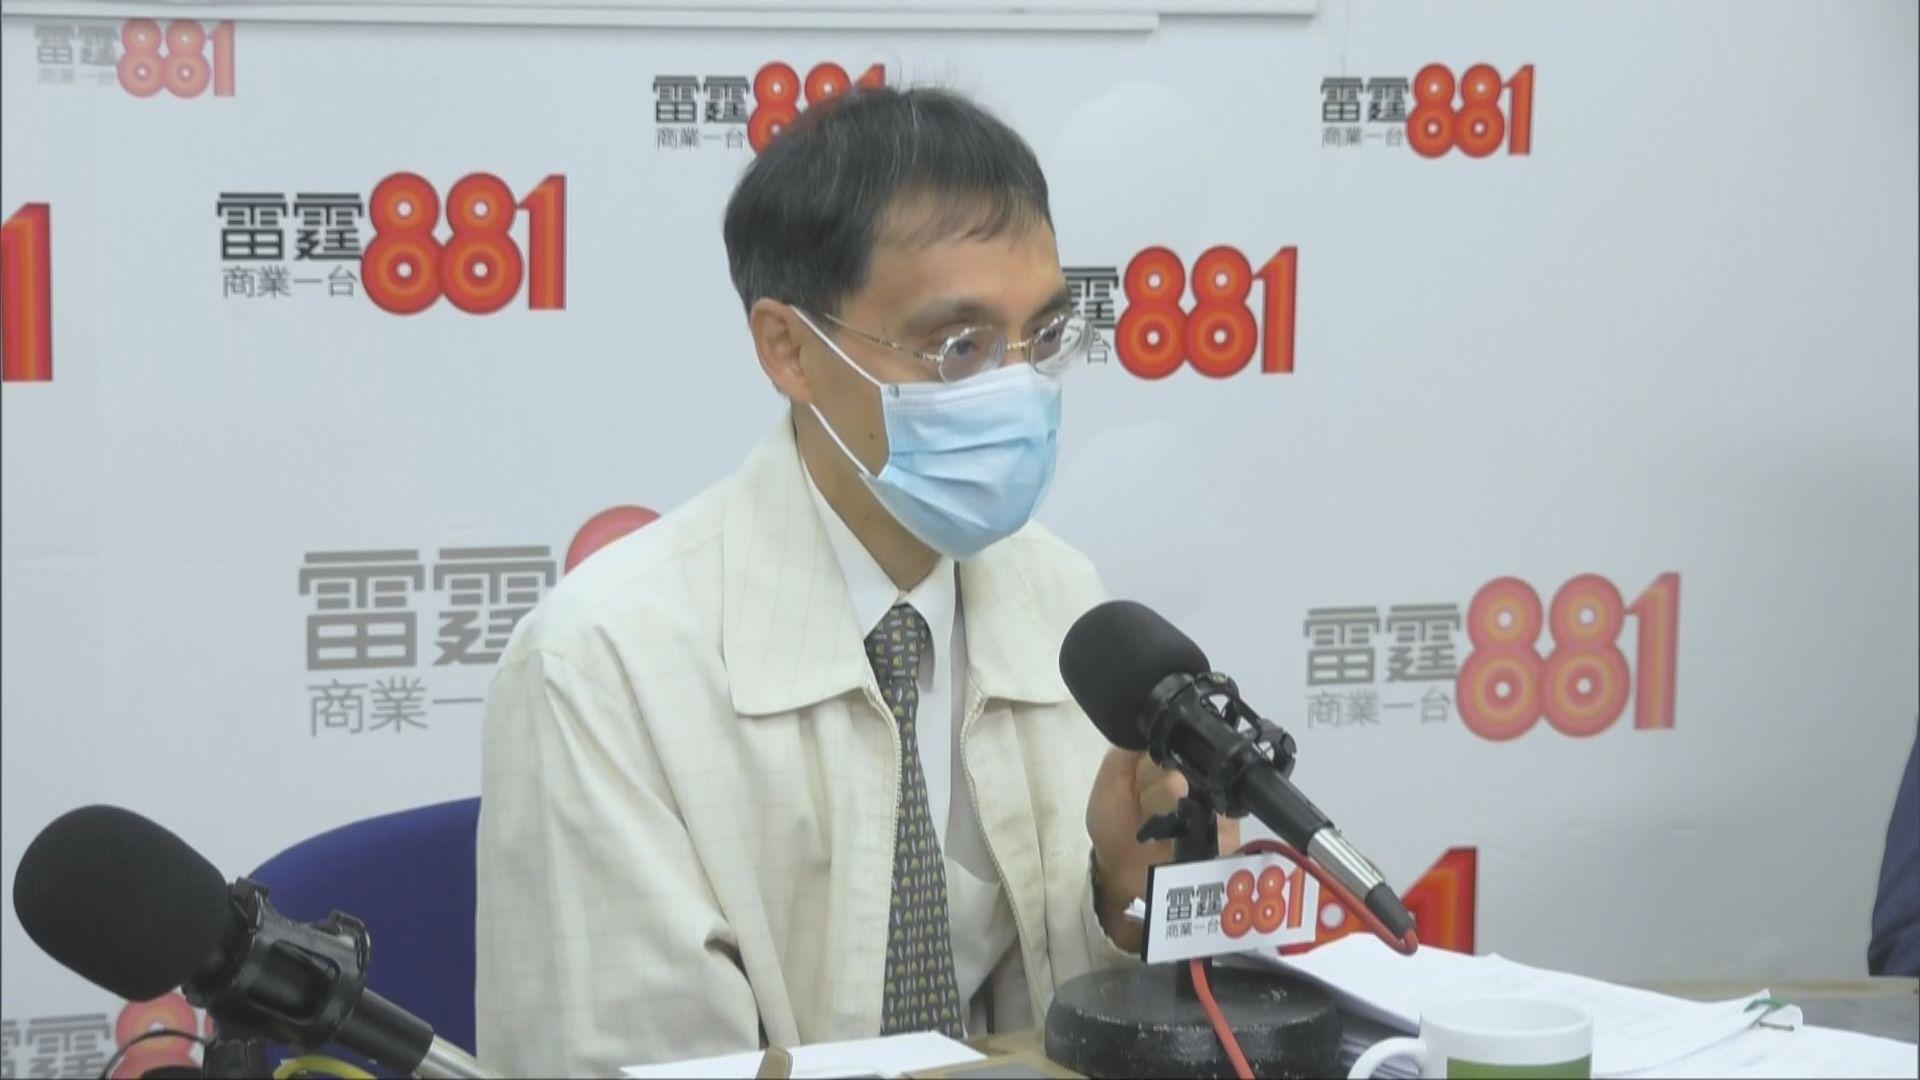 陳弘毅:港區國安法沒有明文規定藏有港獨物品屬犯法